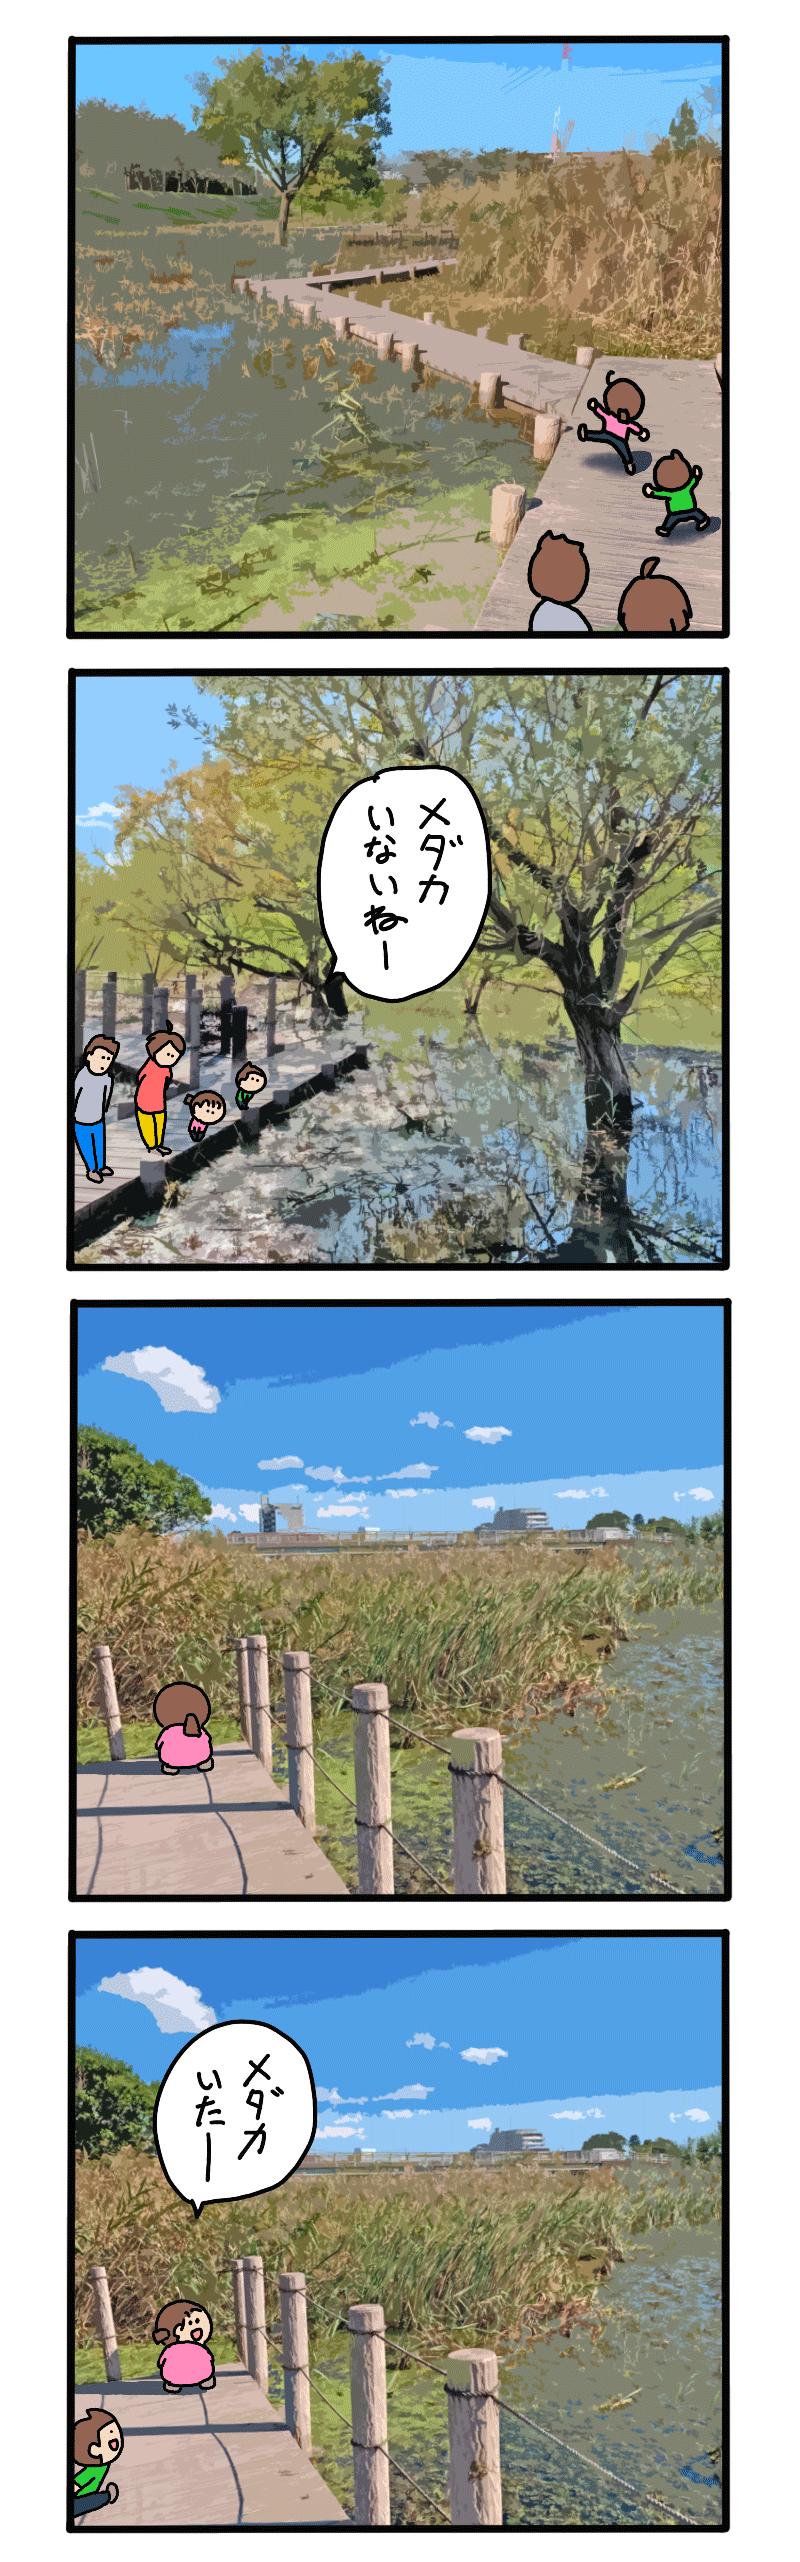 三橋総合公園のWEB漫画メダカいた